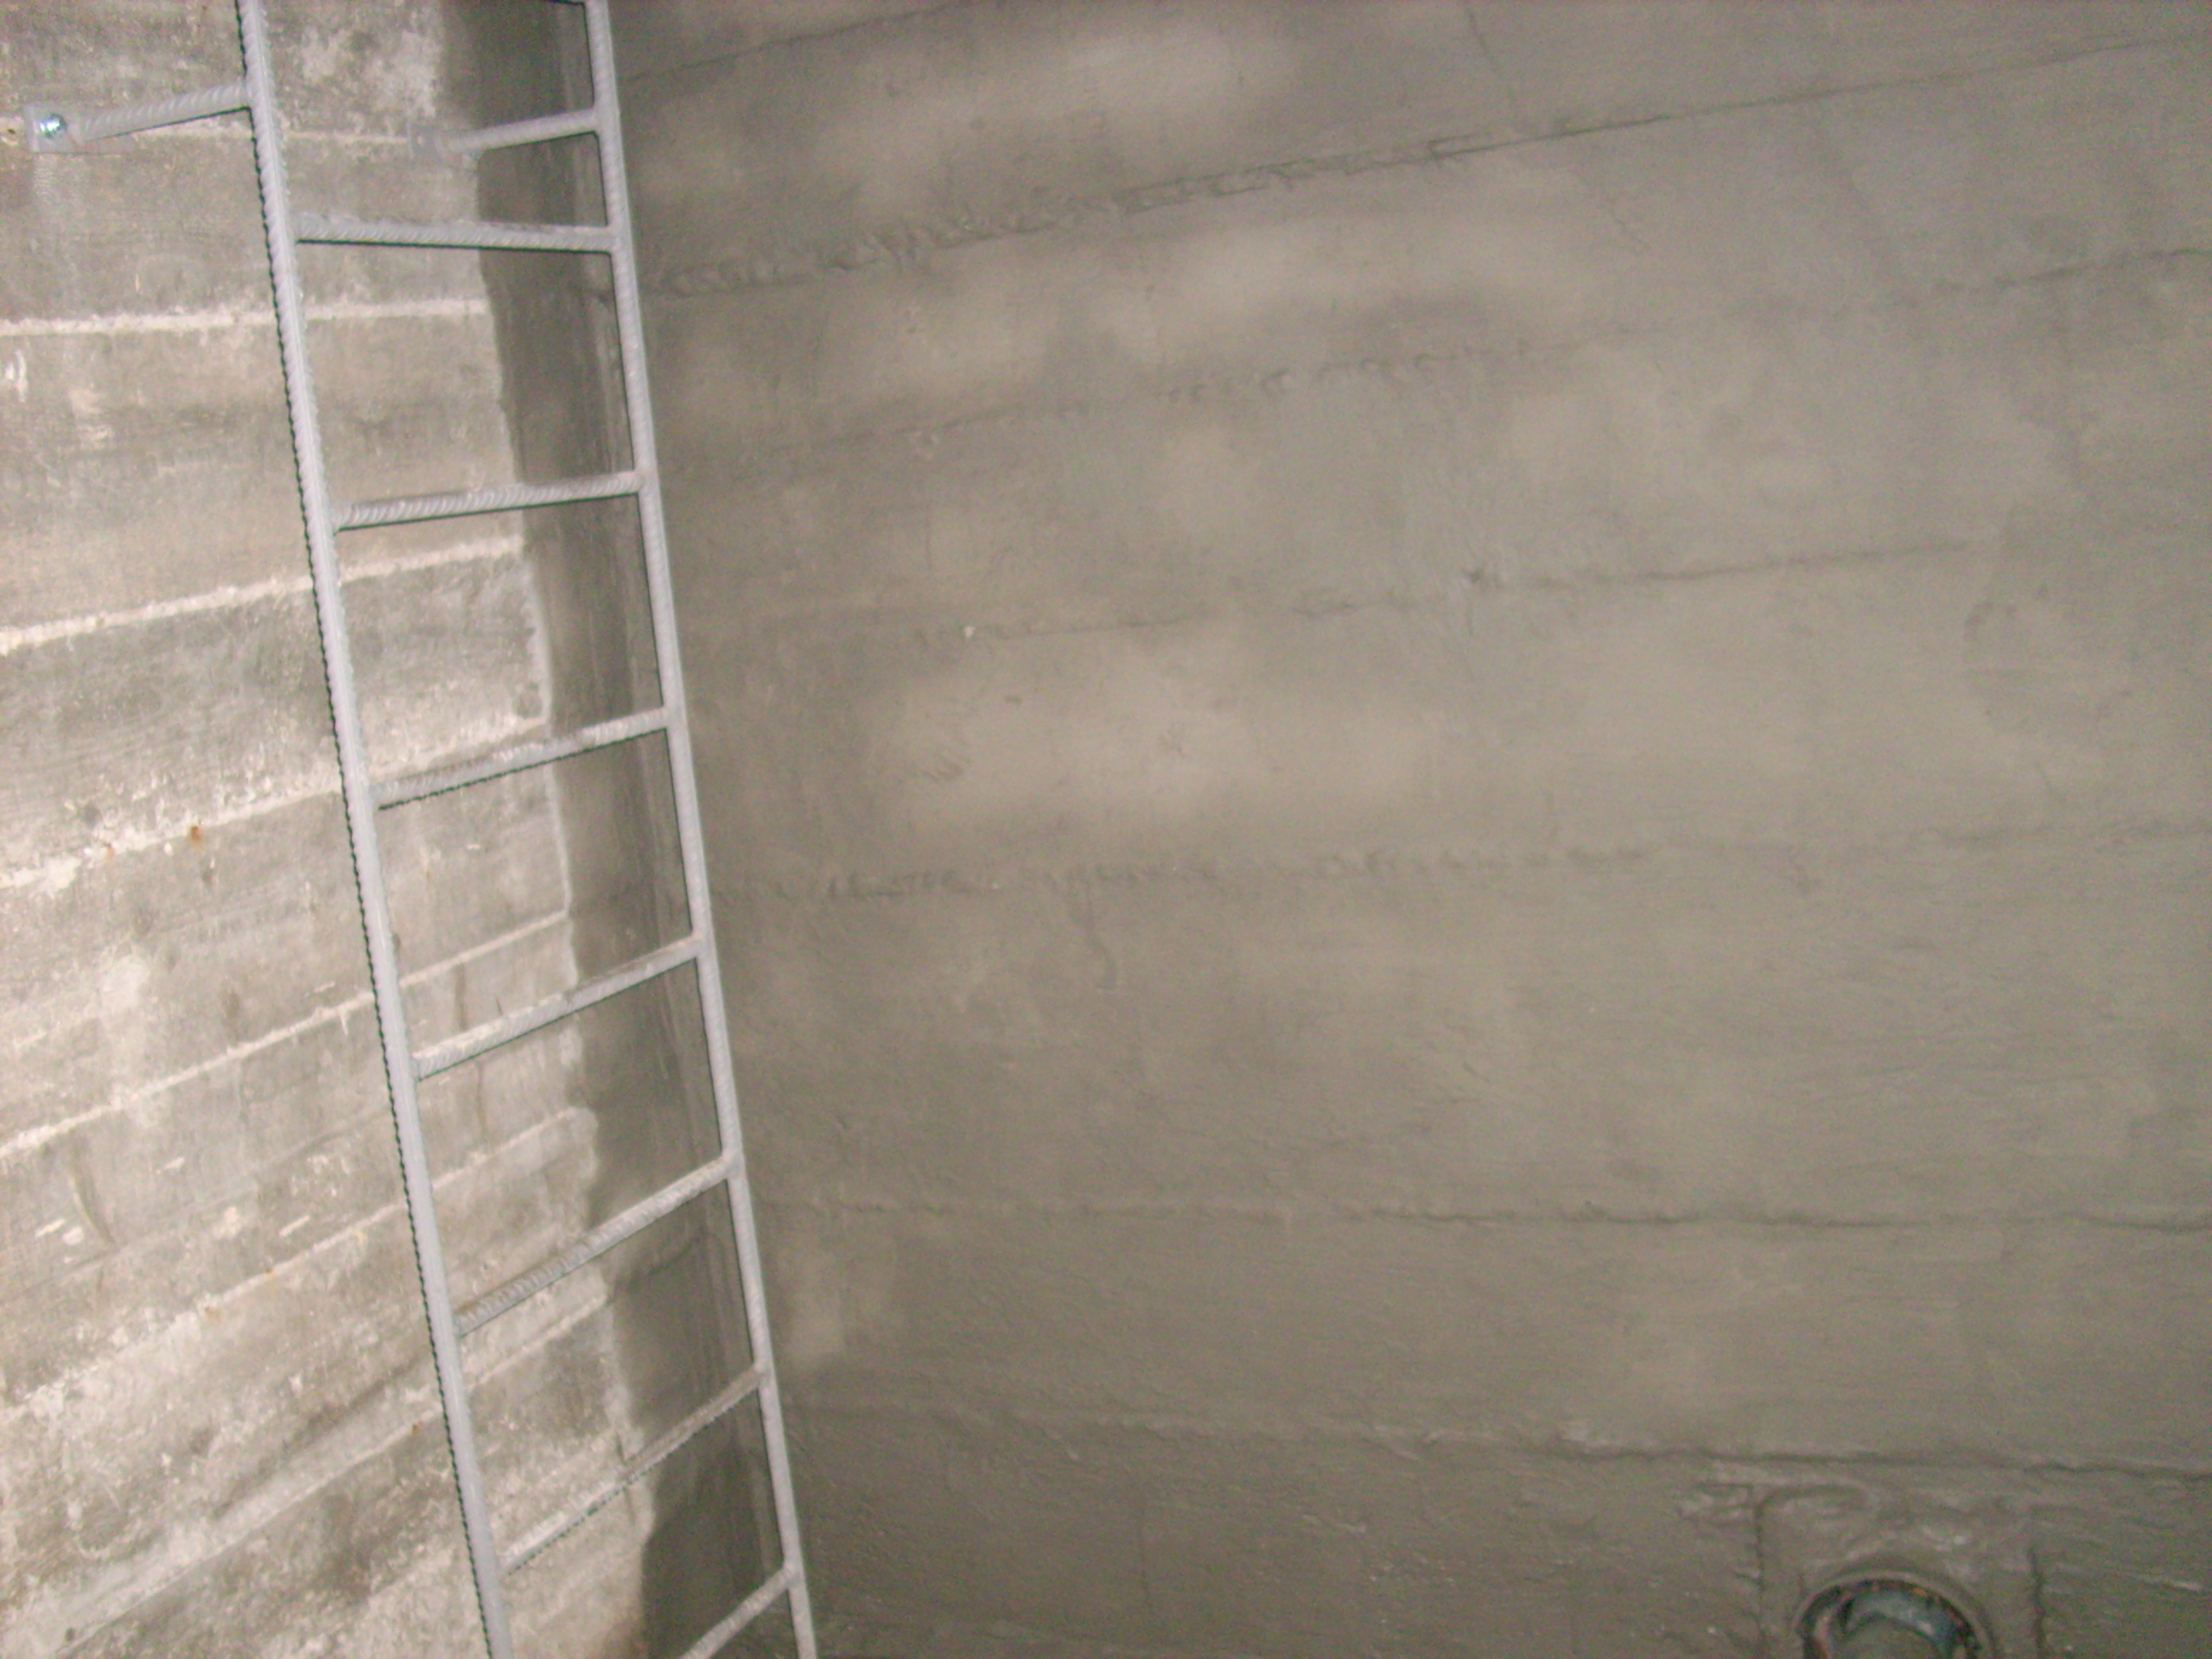 Aplicarea tratamentelor de impermeabilizare - BALCOVI - Bazin apa - Nissan - Tunari UNICO PROFIT - Poza 15